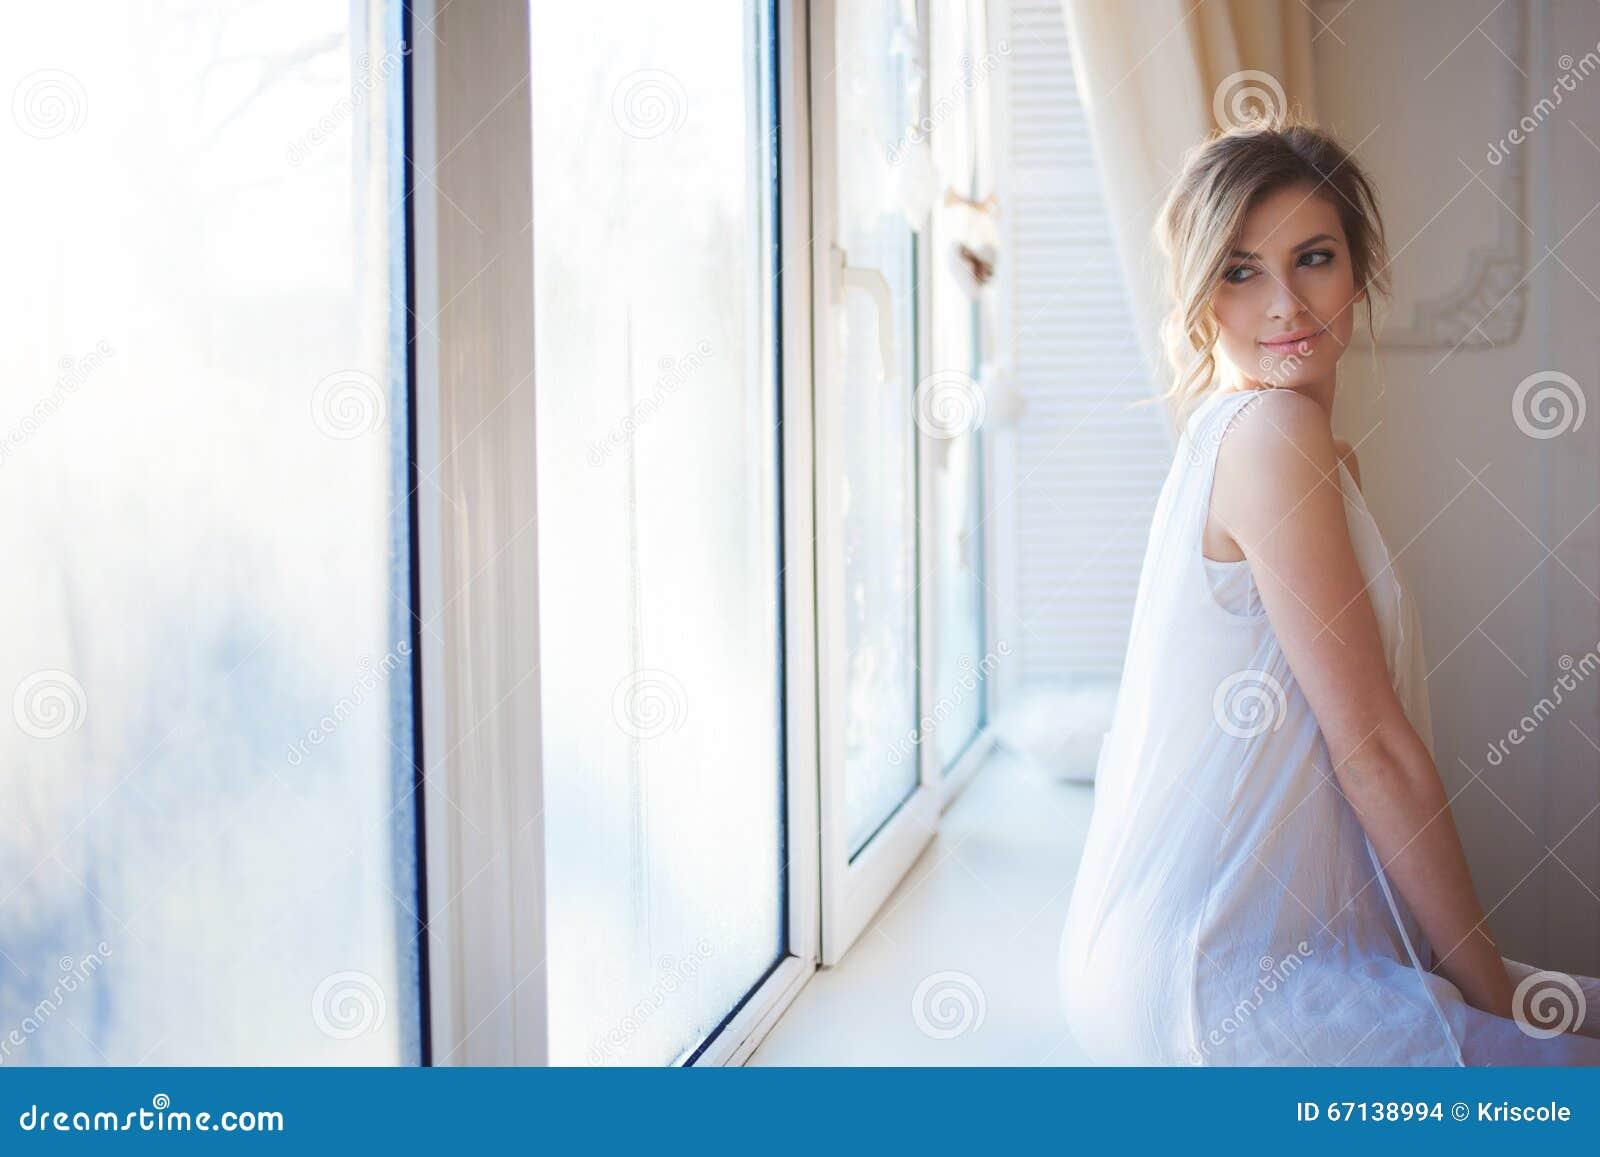 Piękna kobieta z świeżym dziennym makeup i romantyczną falistą fryzurą siedzi przy windowsill,